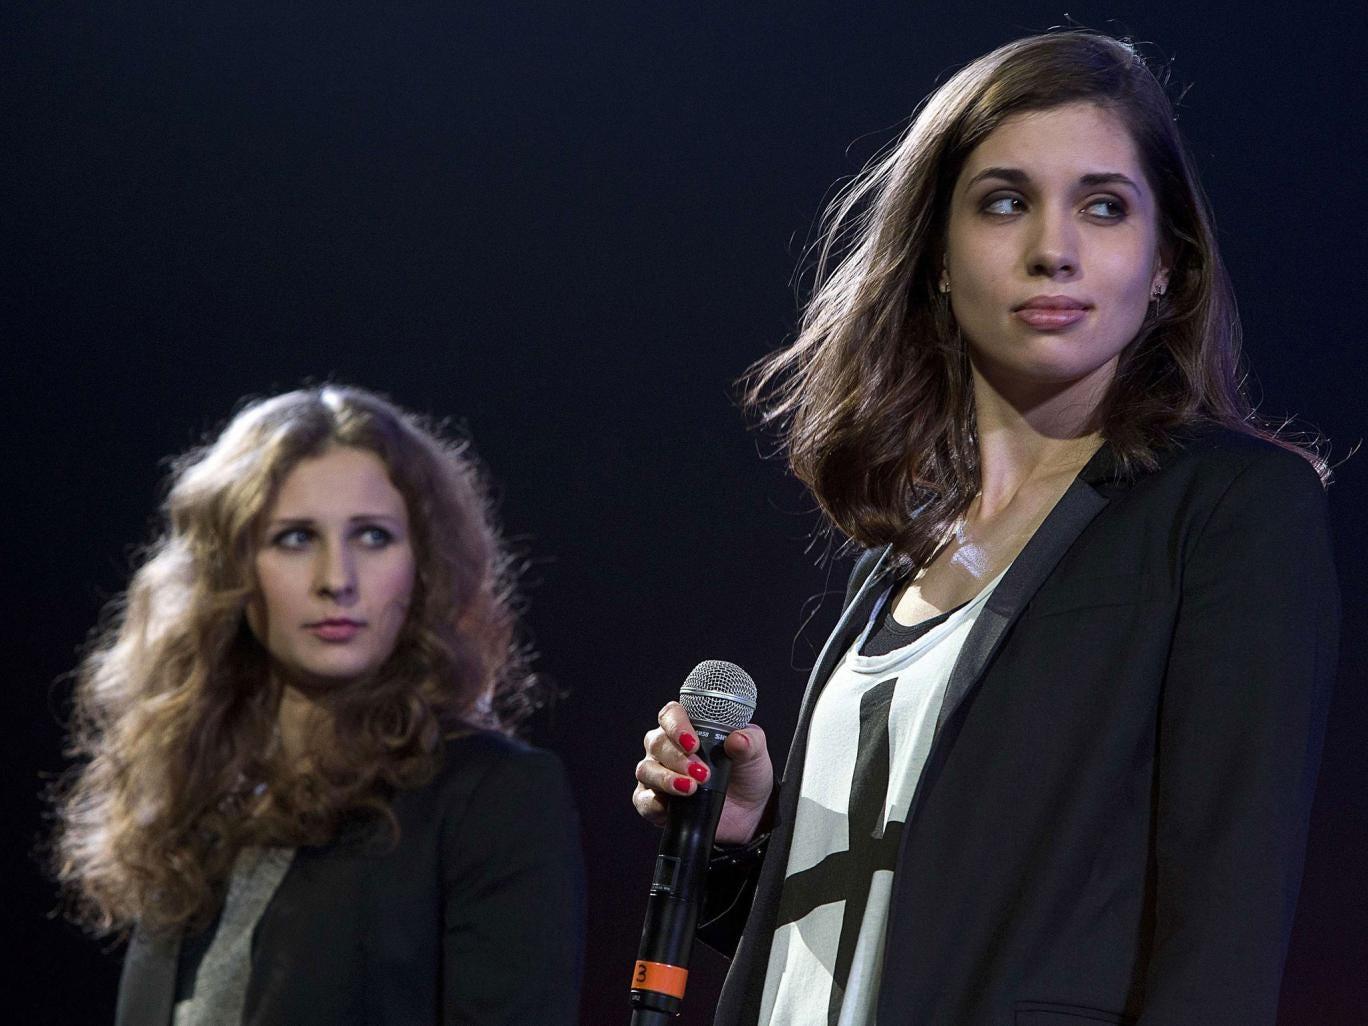 Maria Alyokhina (left) and Nadezhda Tolokonnikova from punk pop girl band Pussy Riot